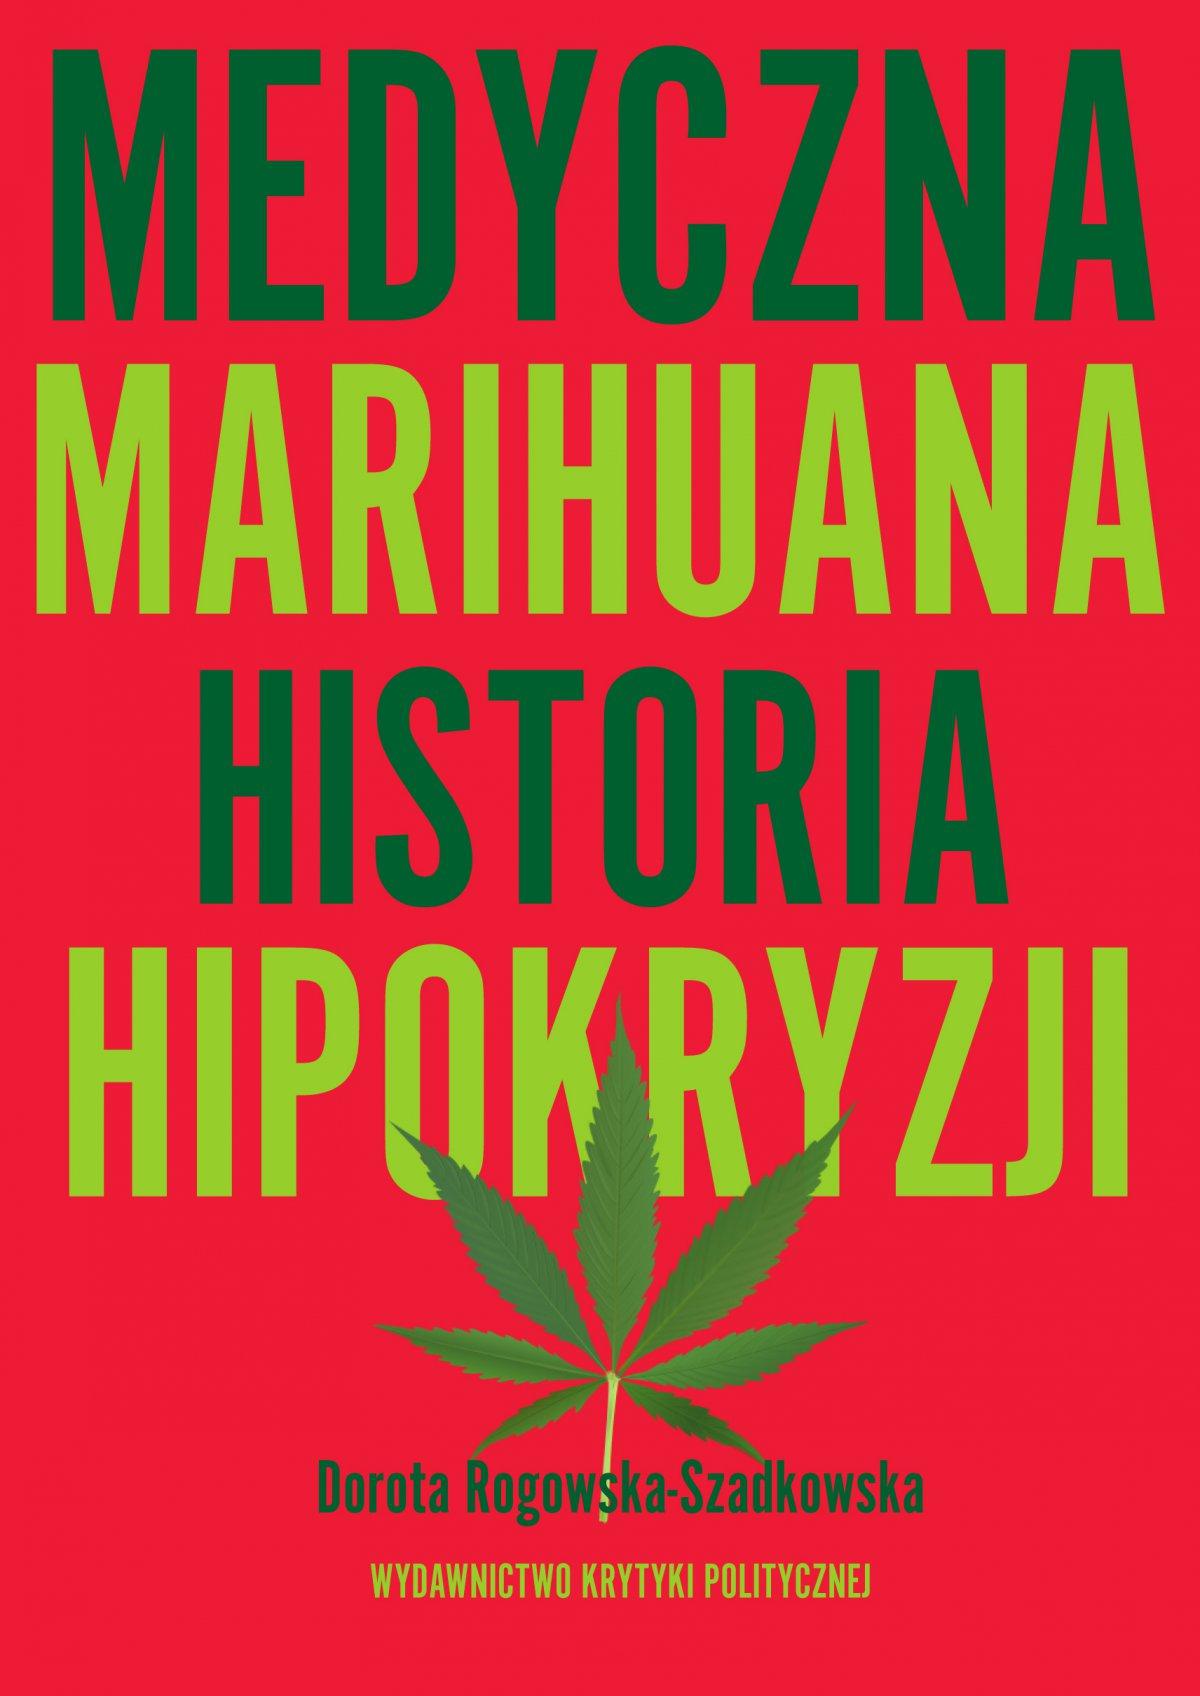 Medyczna Marihuana. Historia hipokryzji - Ebook (Książka na Kindle) do pobrania w formacie MOBI